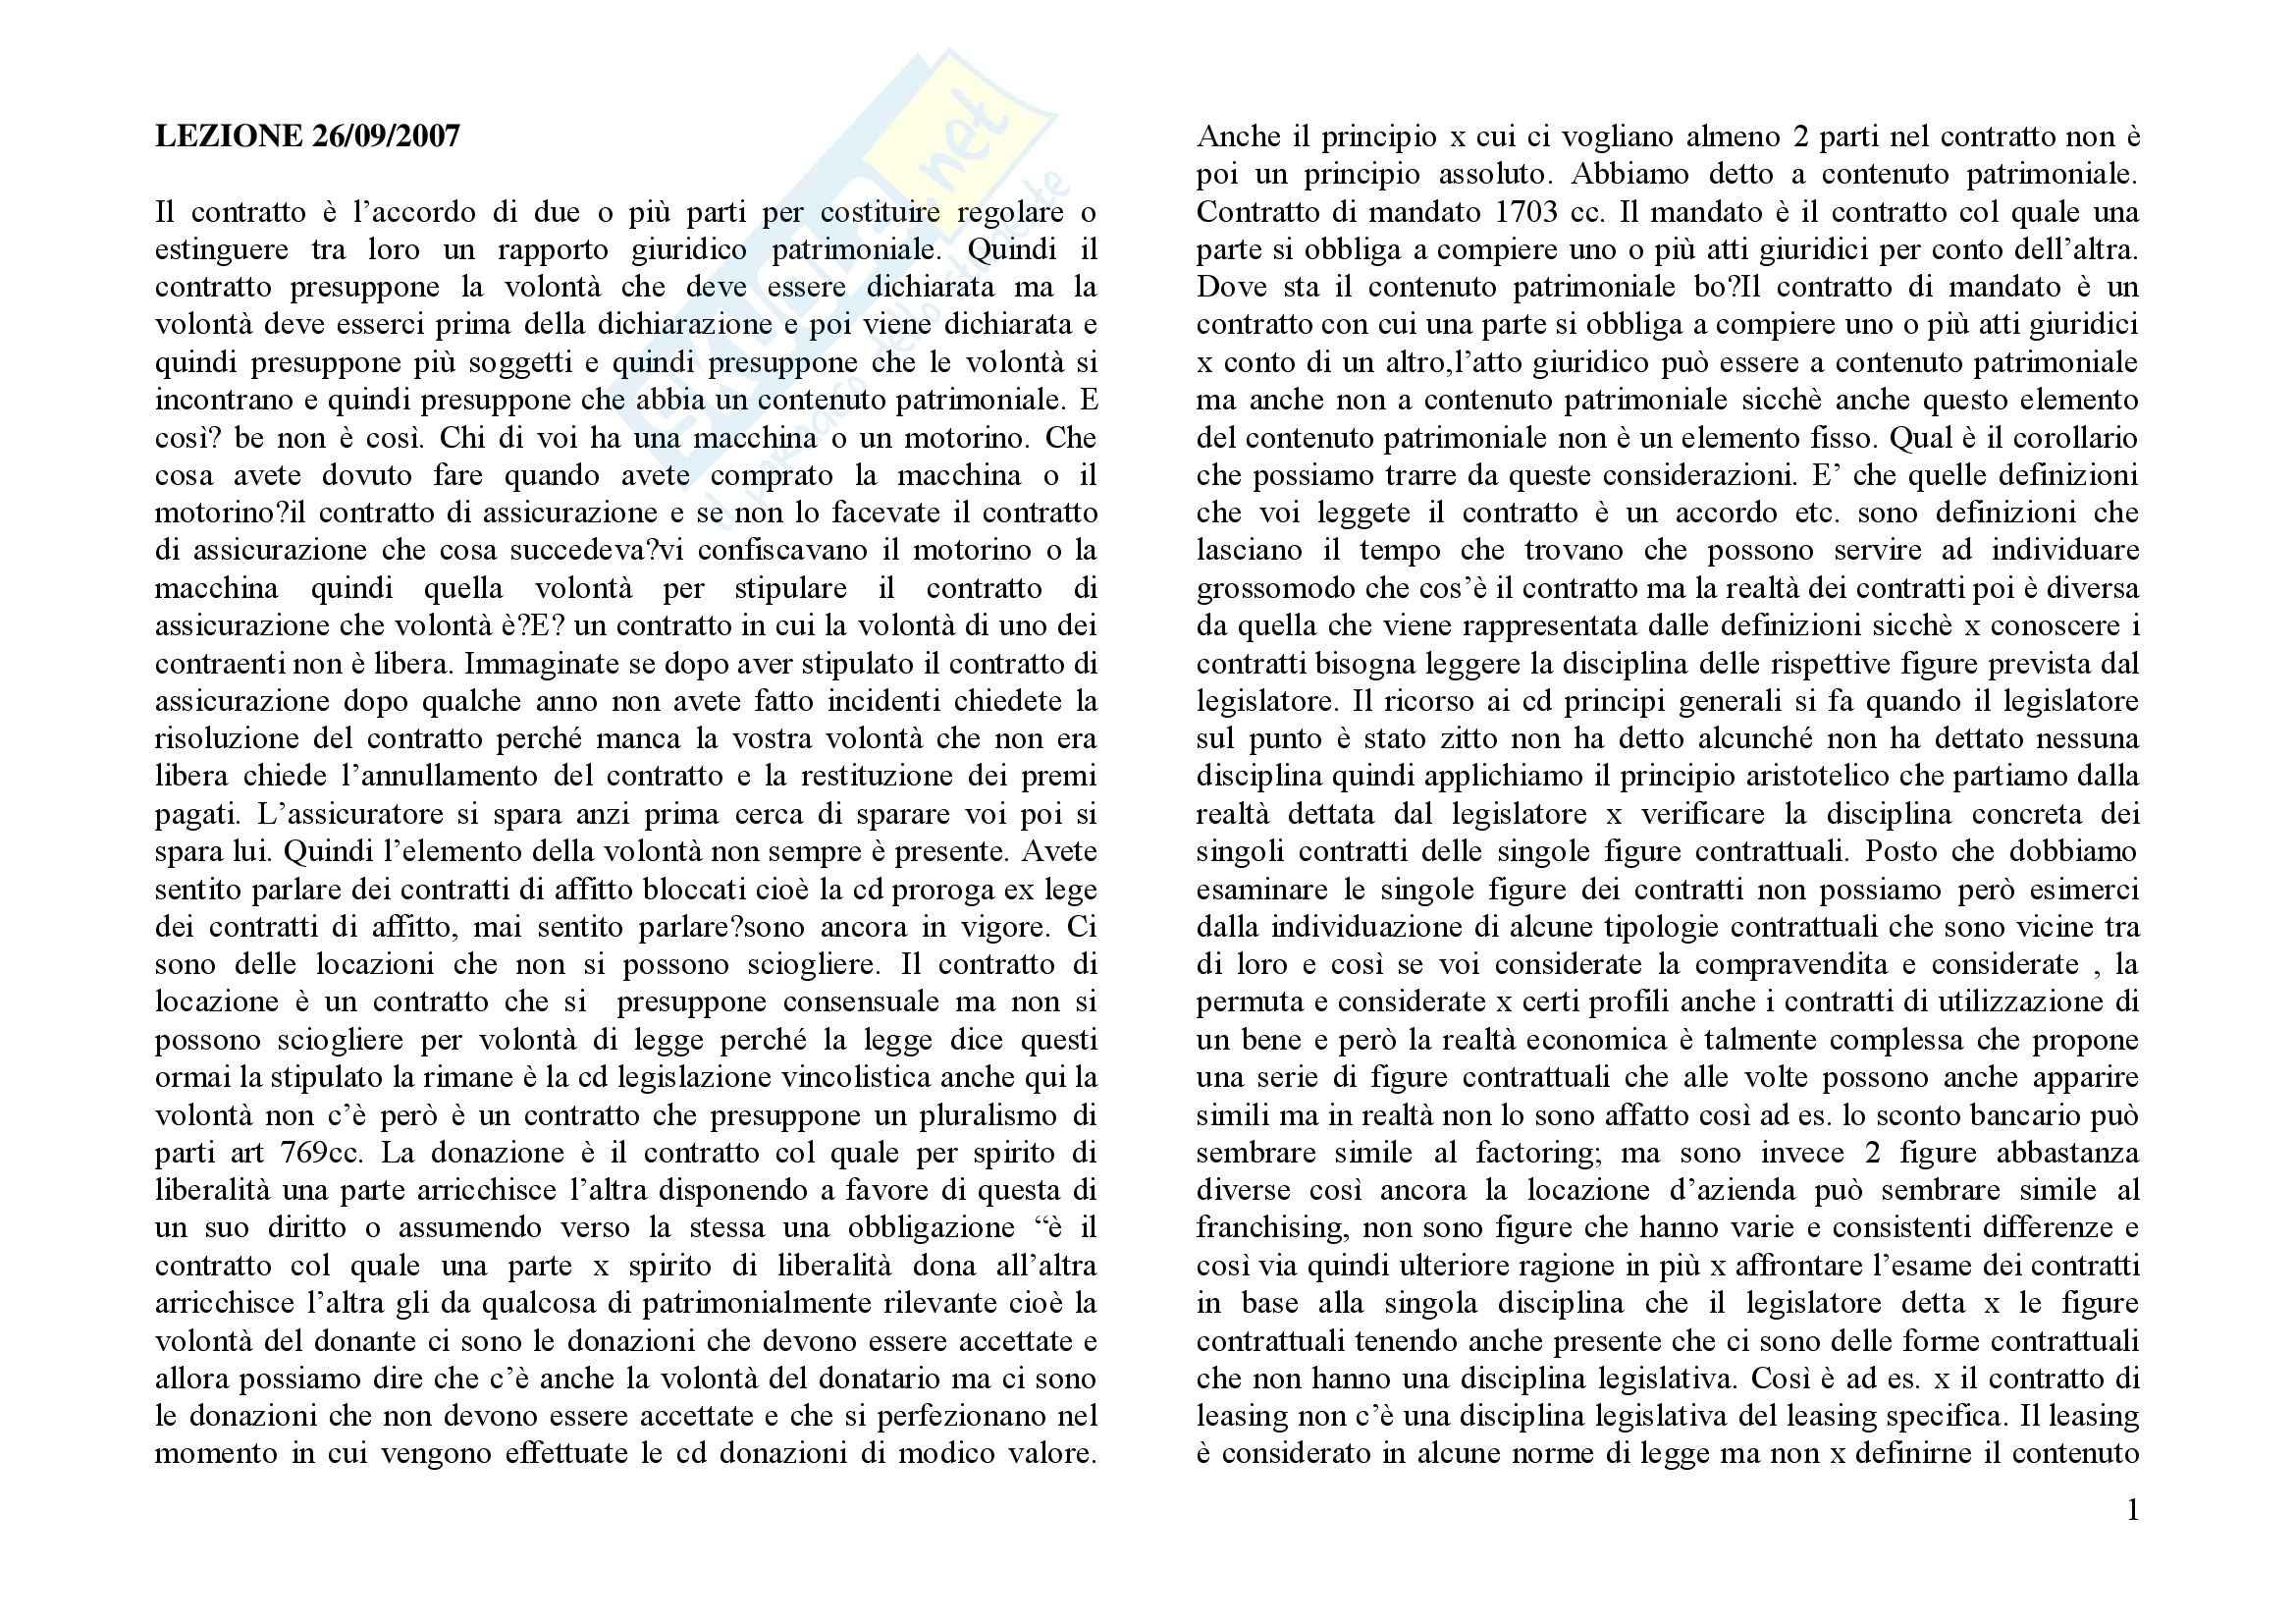 Manuale di diritto commerciale, Graziani, Minervini - Appunti